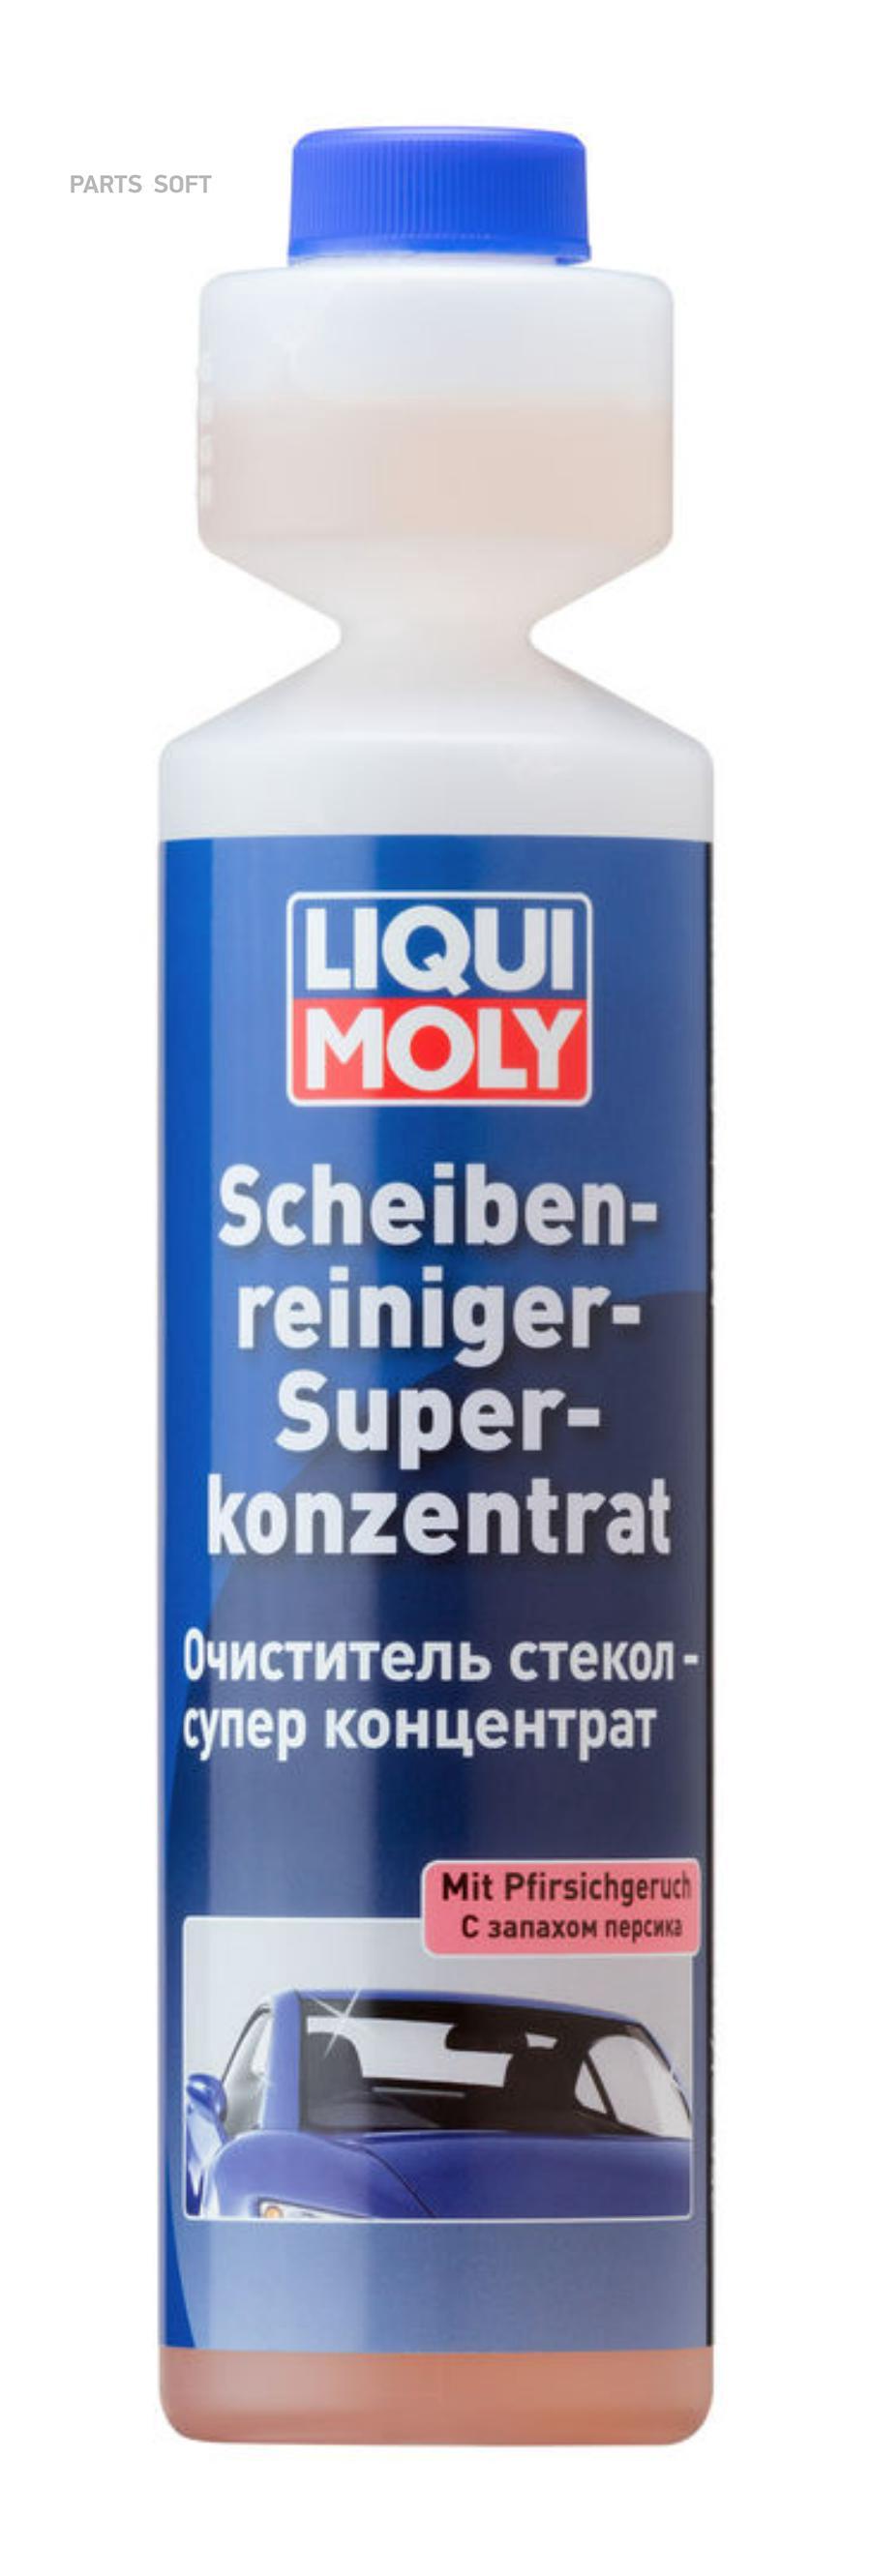 Очиститель стекол суперконцентрат (персик) Scheiben-Reiniger-Super Konzentrat, 250мл